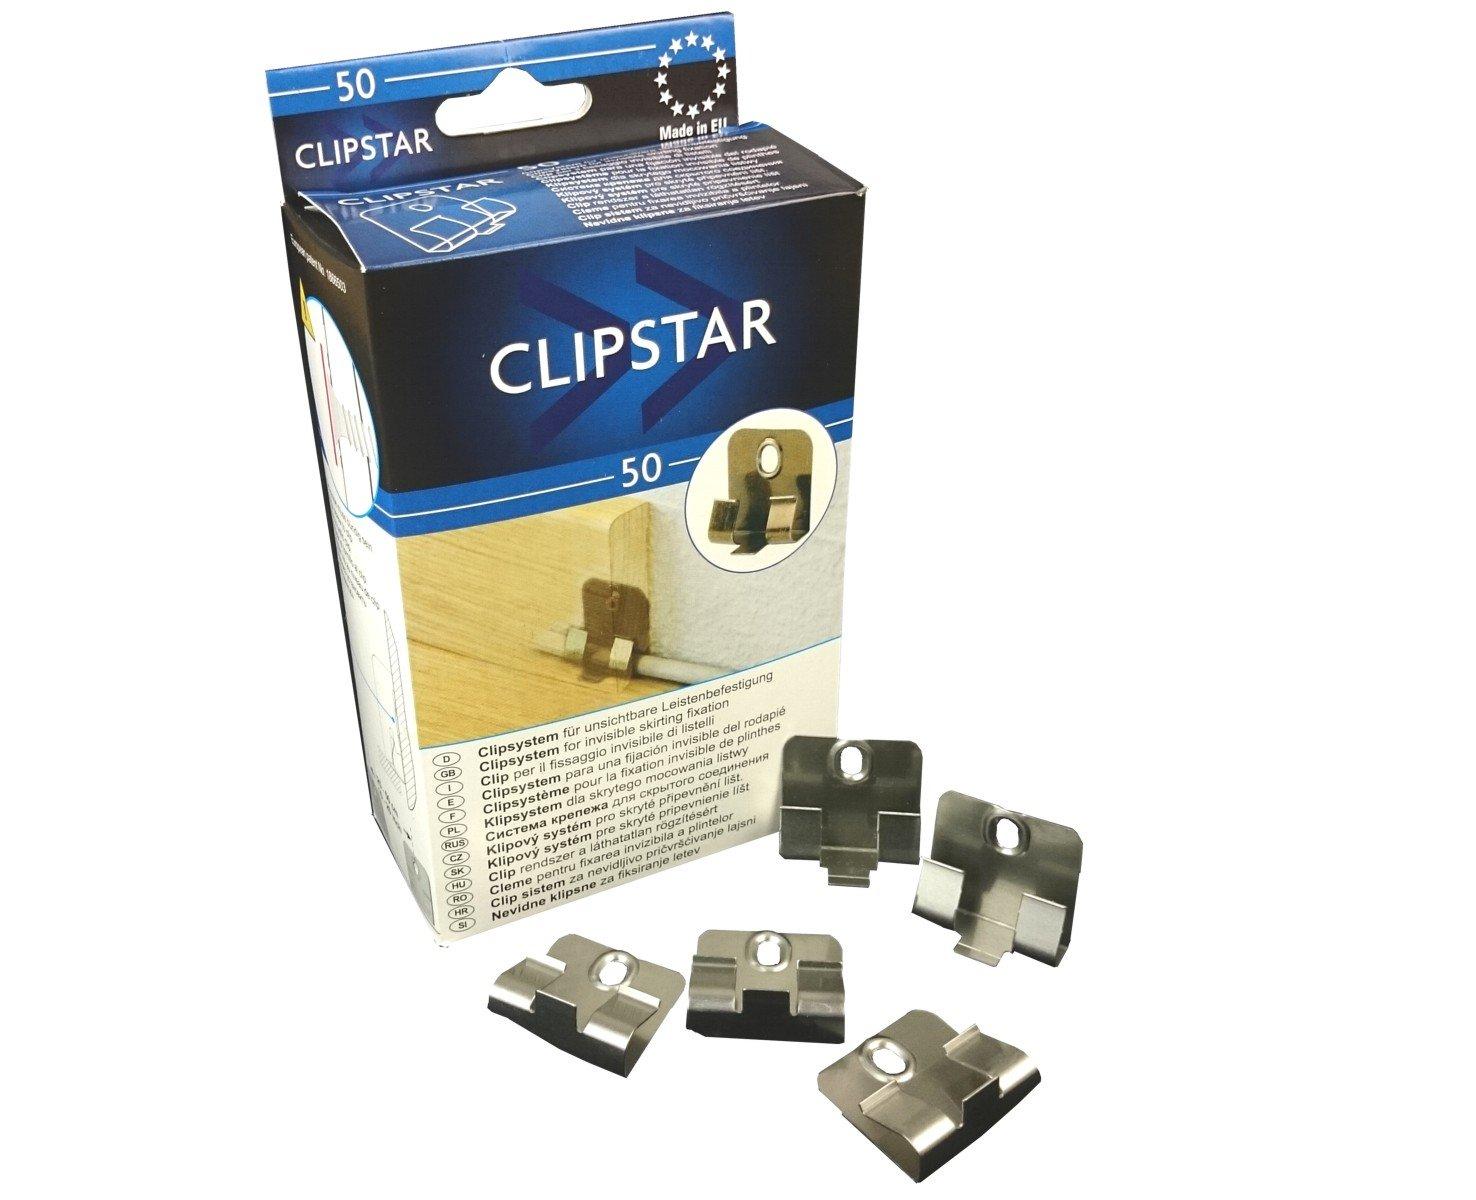 Sockelleisten Clip, Sockelleisten Clip Clipstar Sockelleisten Clip